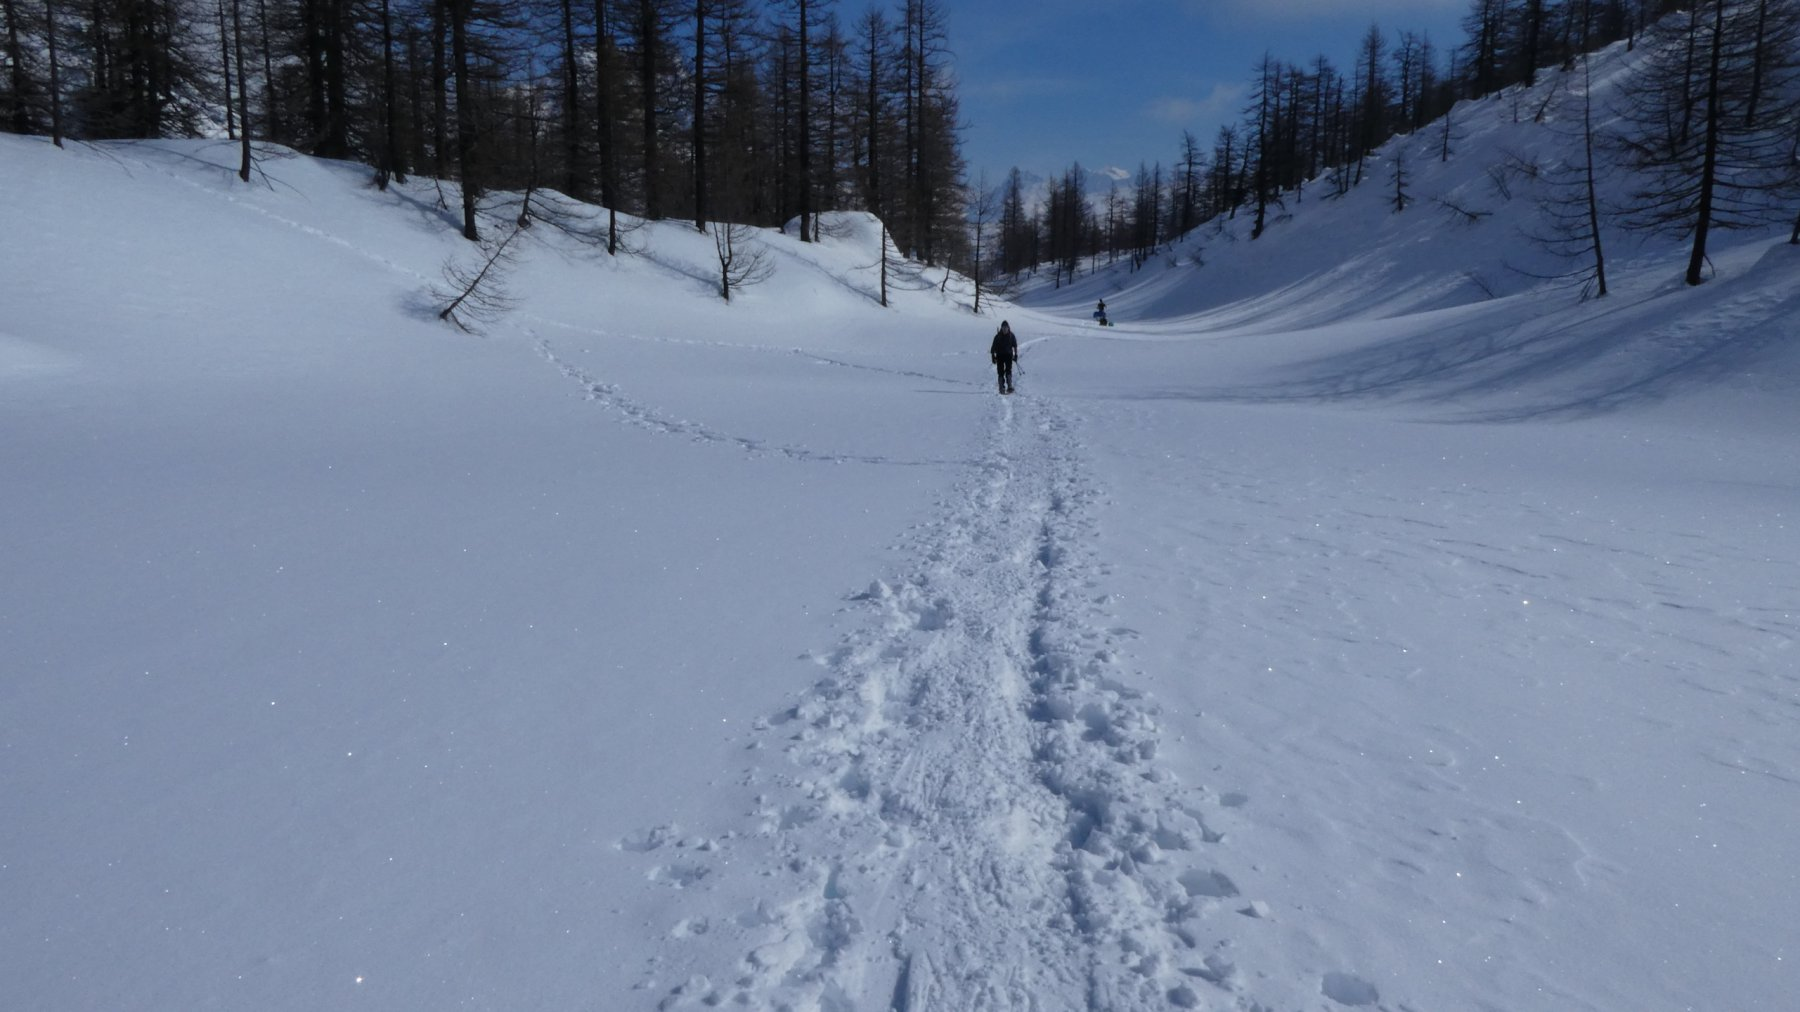 salendo un pianoro in Val Buscagna, a quota 2050 m